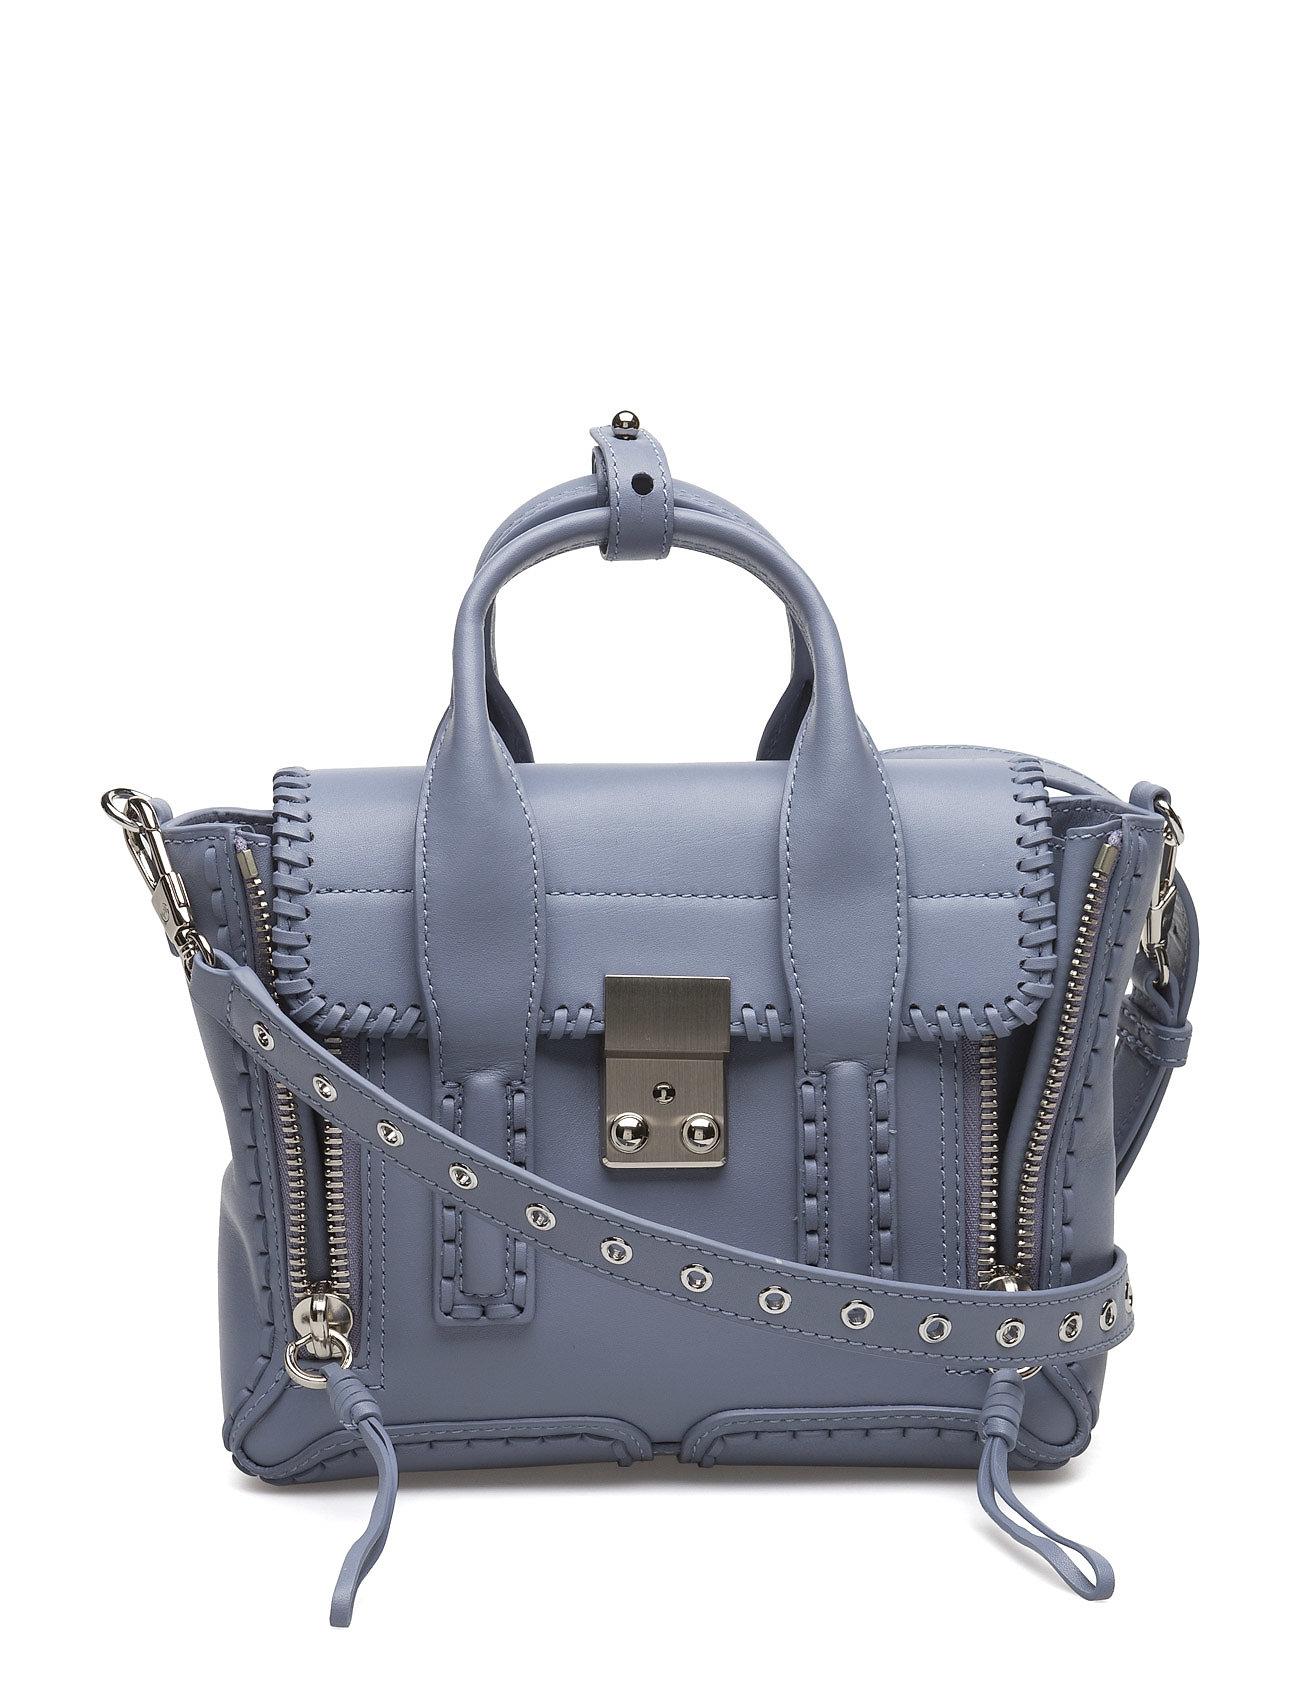 3.1 phillip lim Pashli mini satchel på boozt.com dk